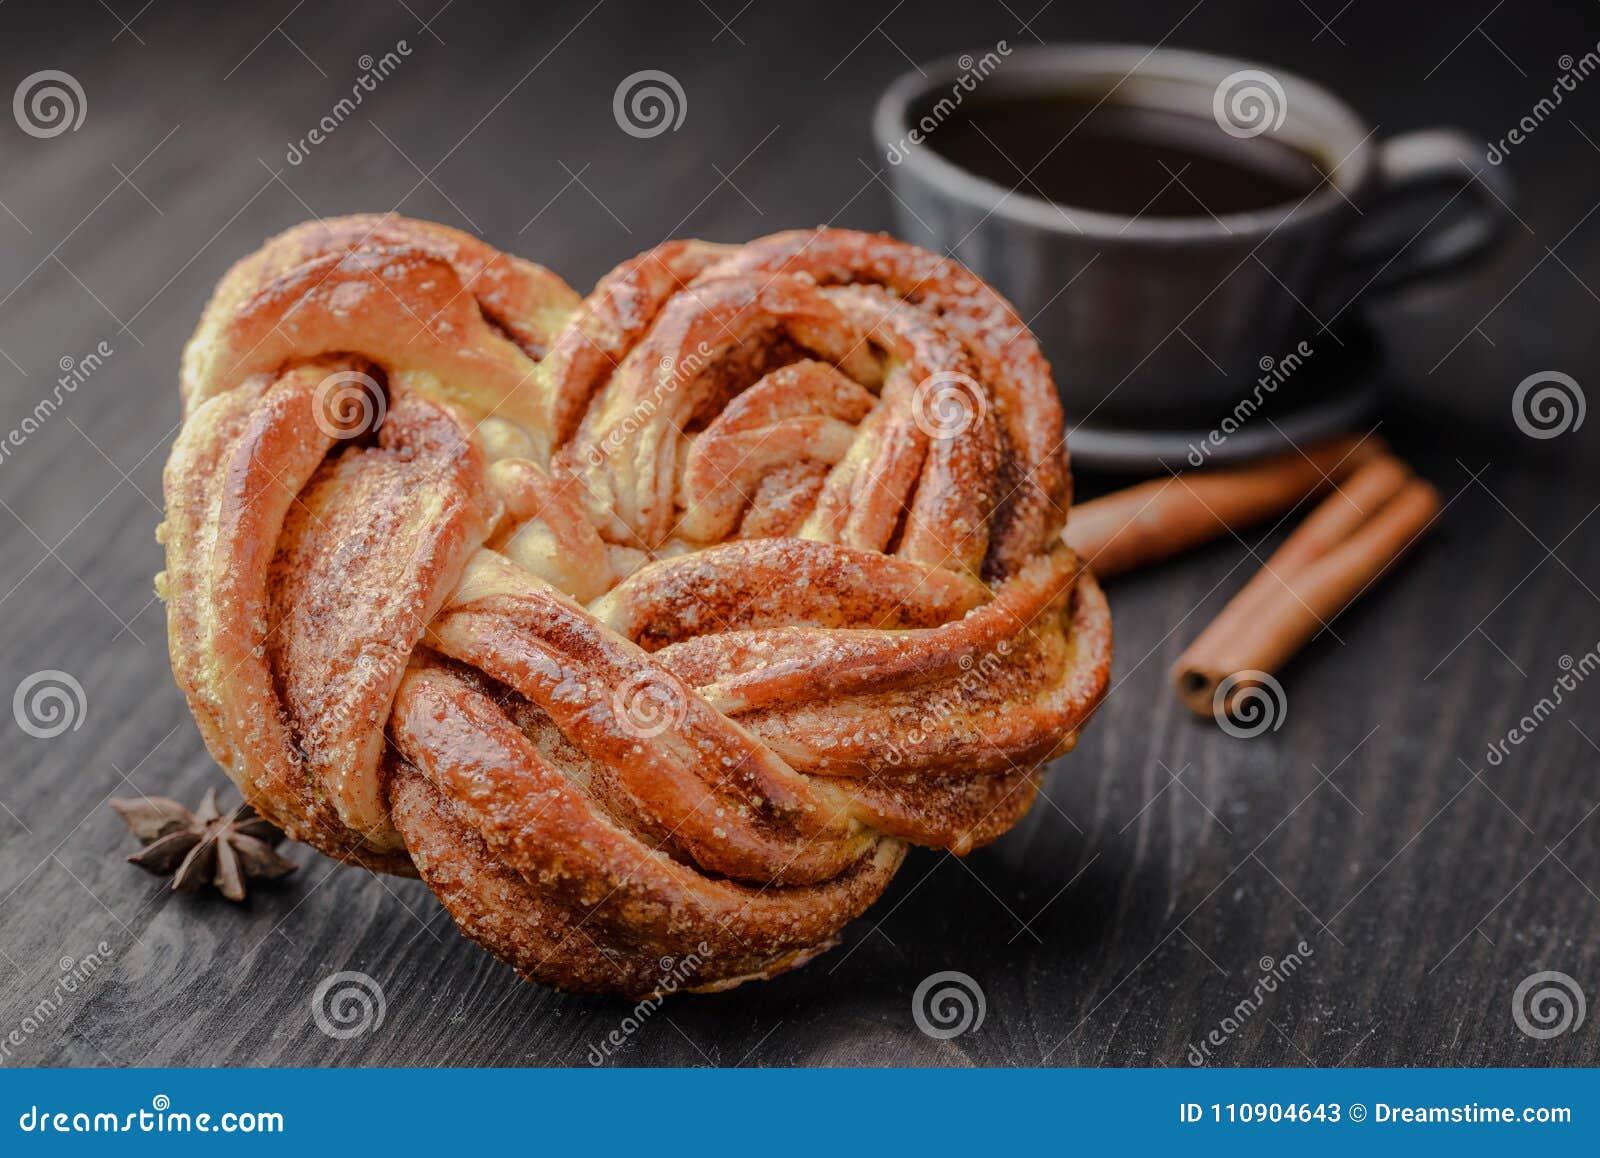 Mañana, el negro, café, viejo, receta, apetitosa, vainilla, canela, bollo de leche, estonio, azúcar, guirnalda, torta, pan, delic